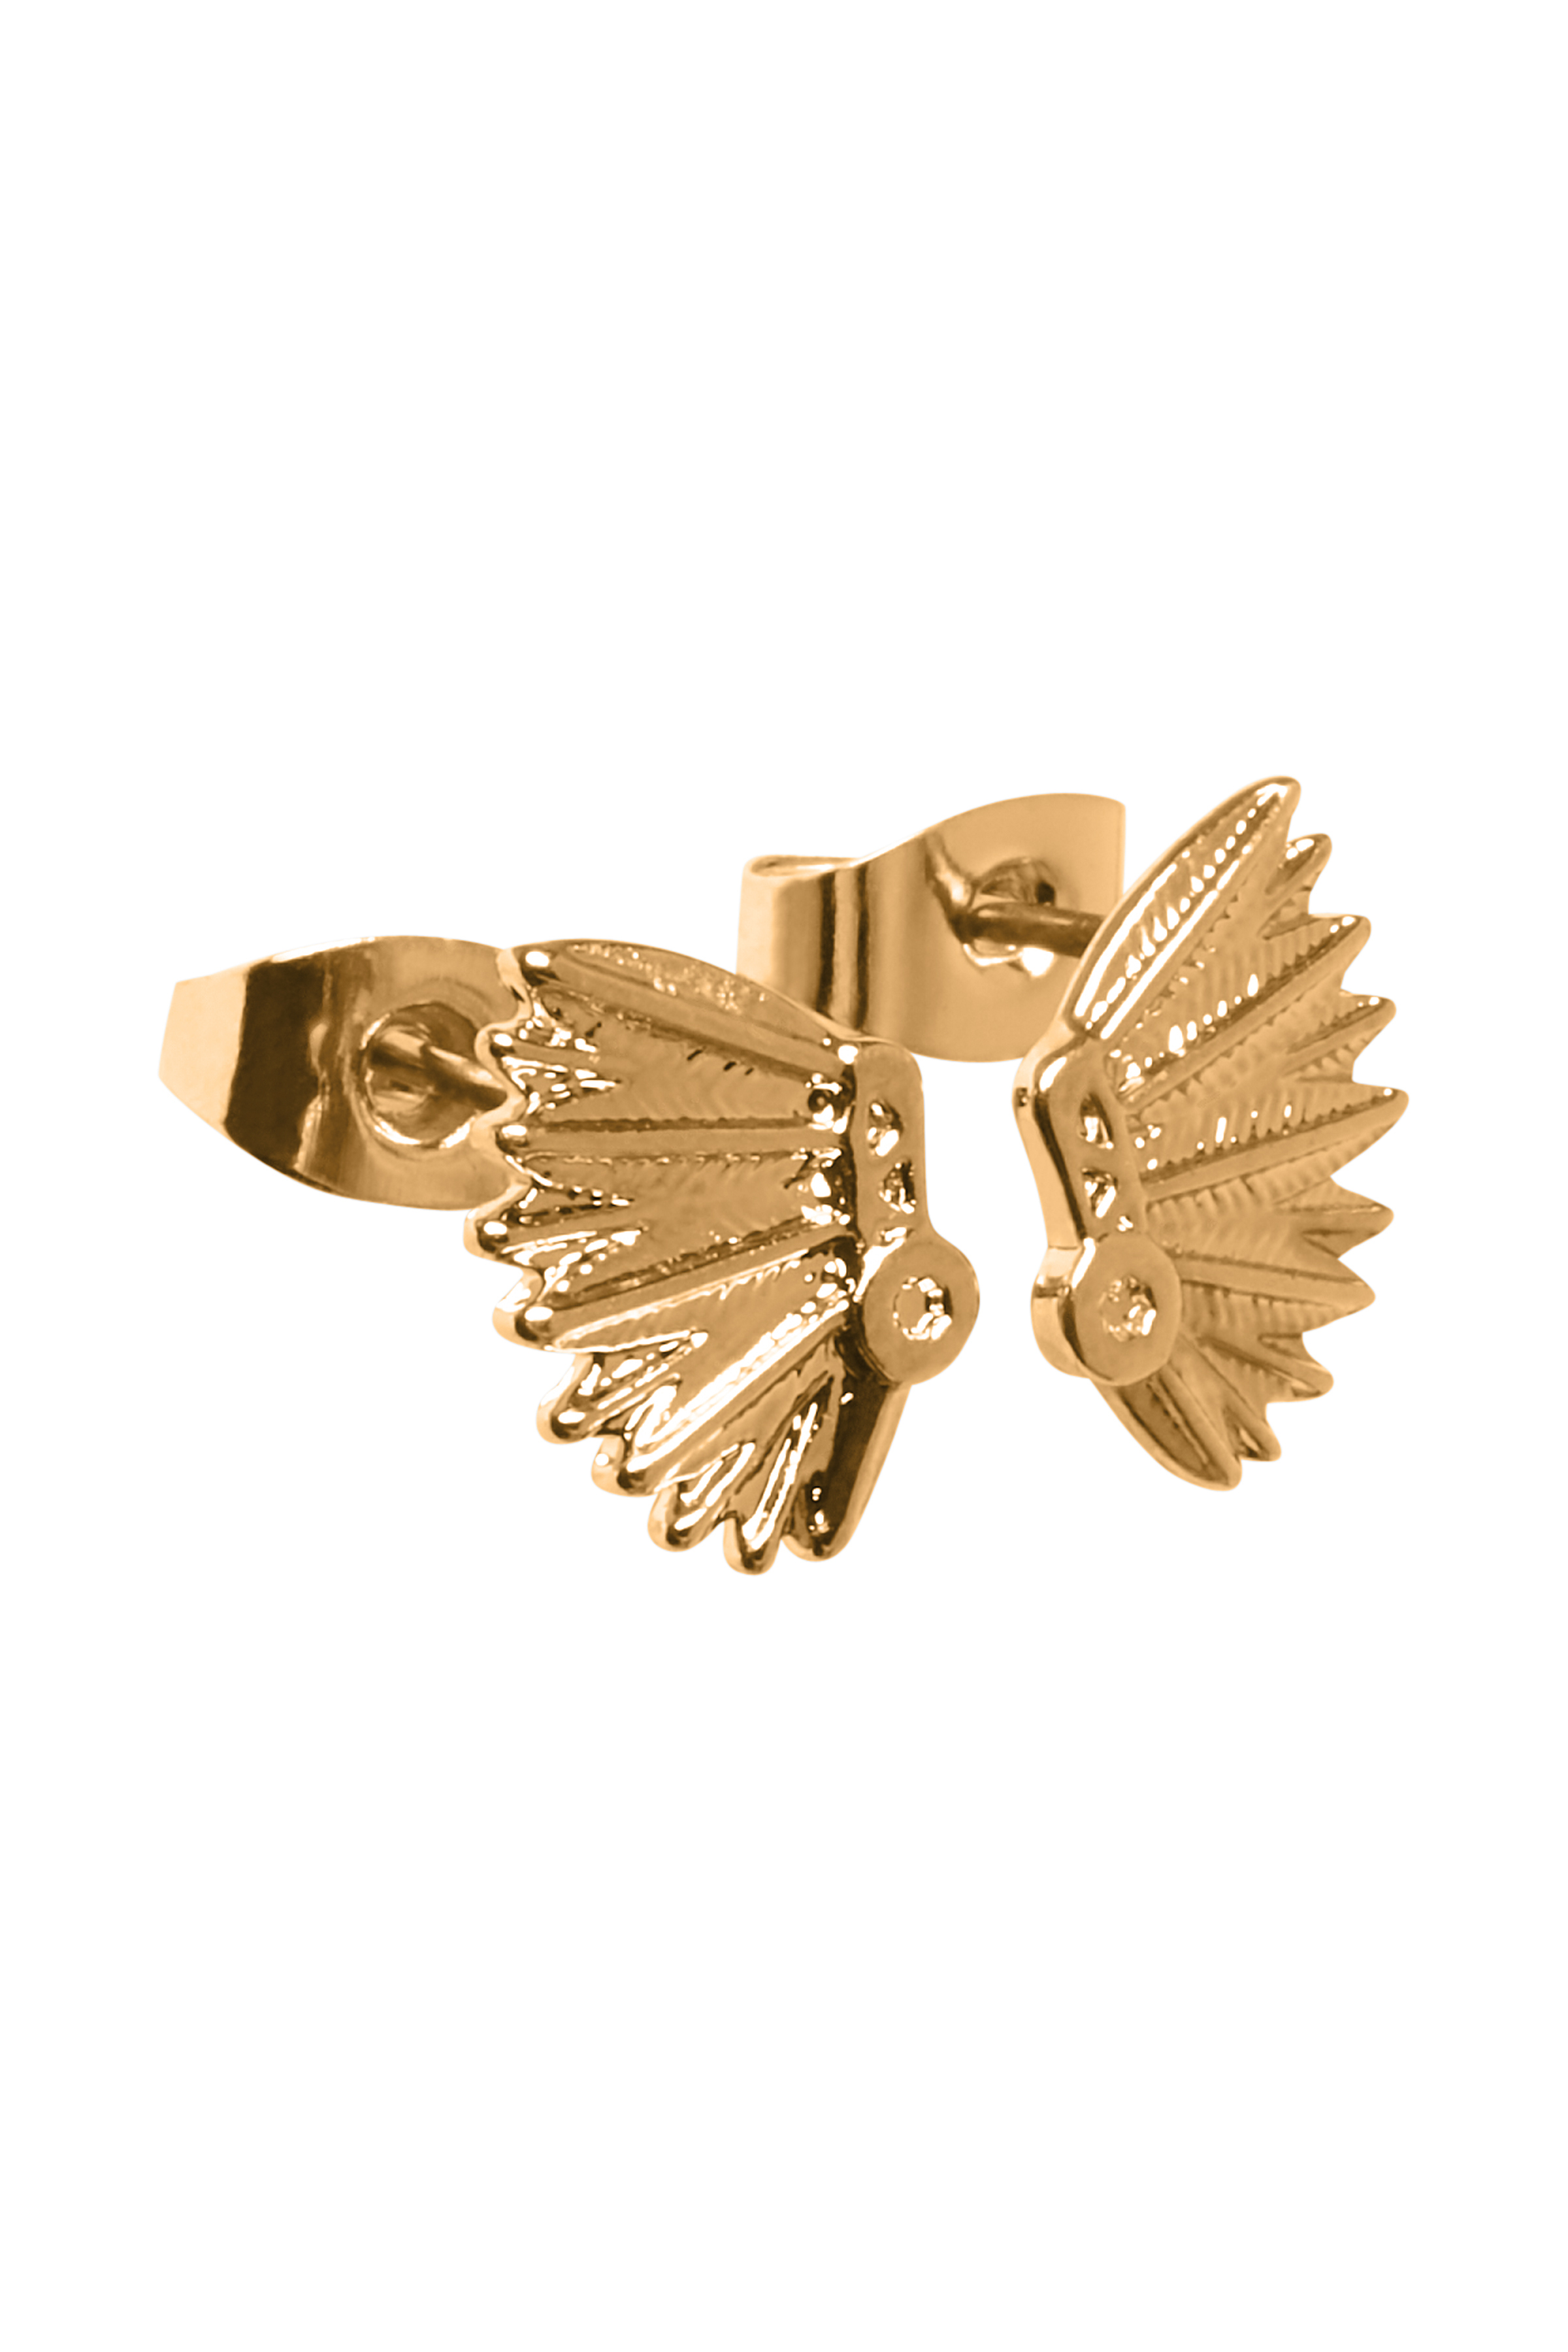 Guld Øreringe  fra Fransa – Køb Guld Øreringe  fra str. ONE her